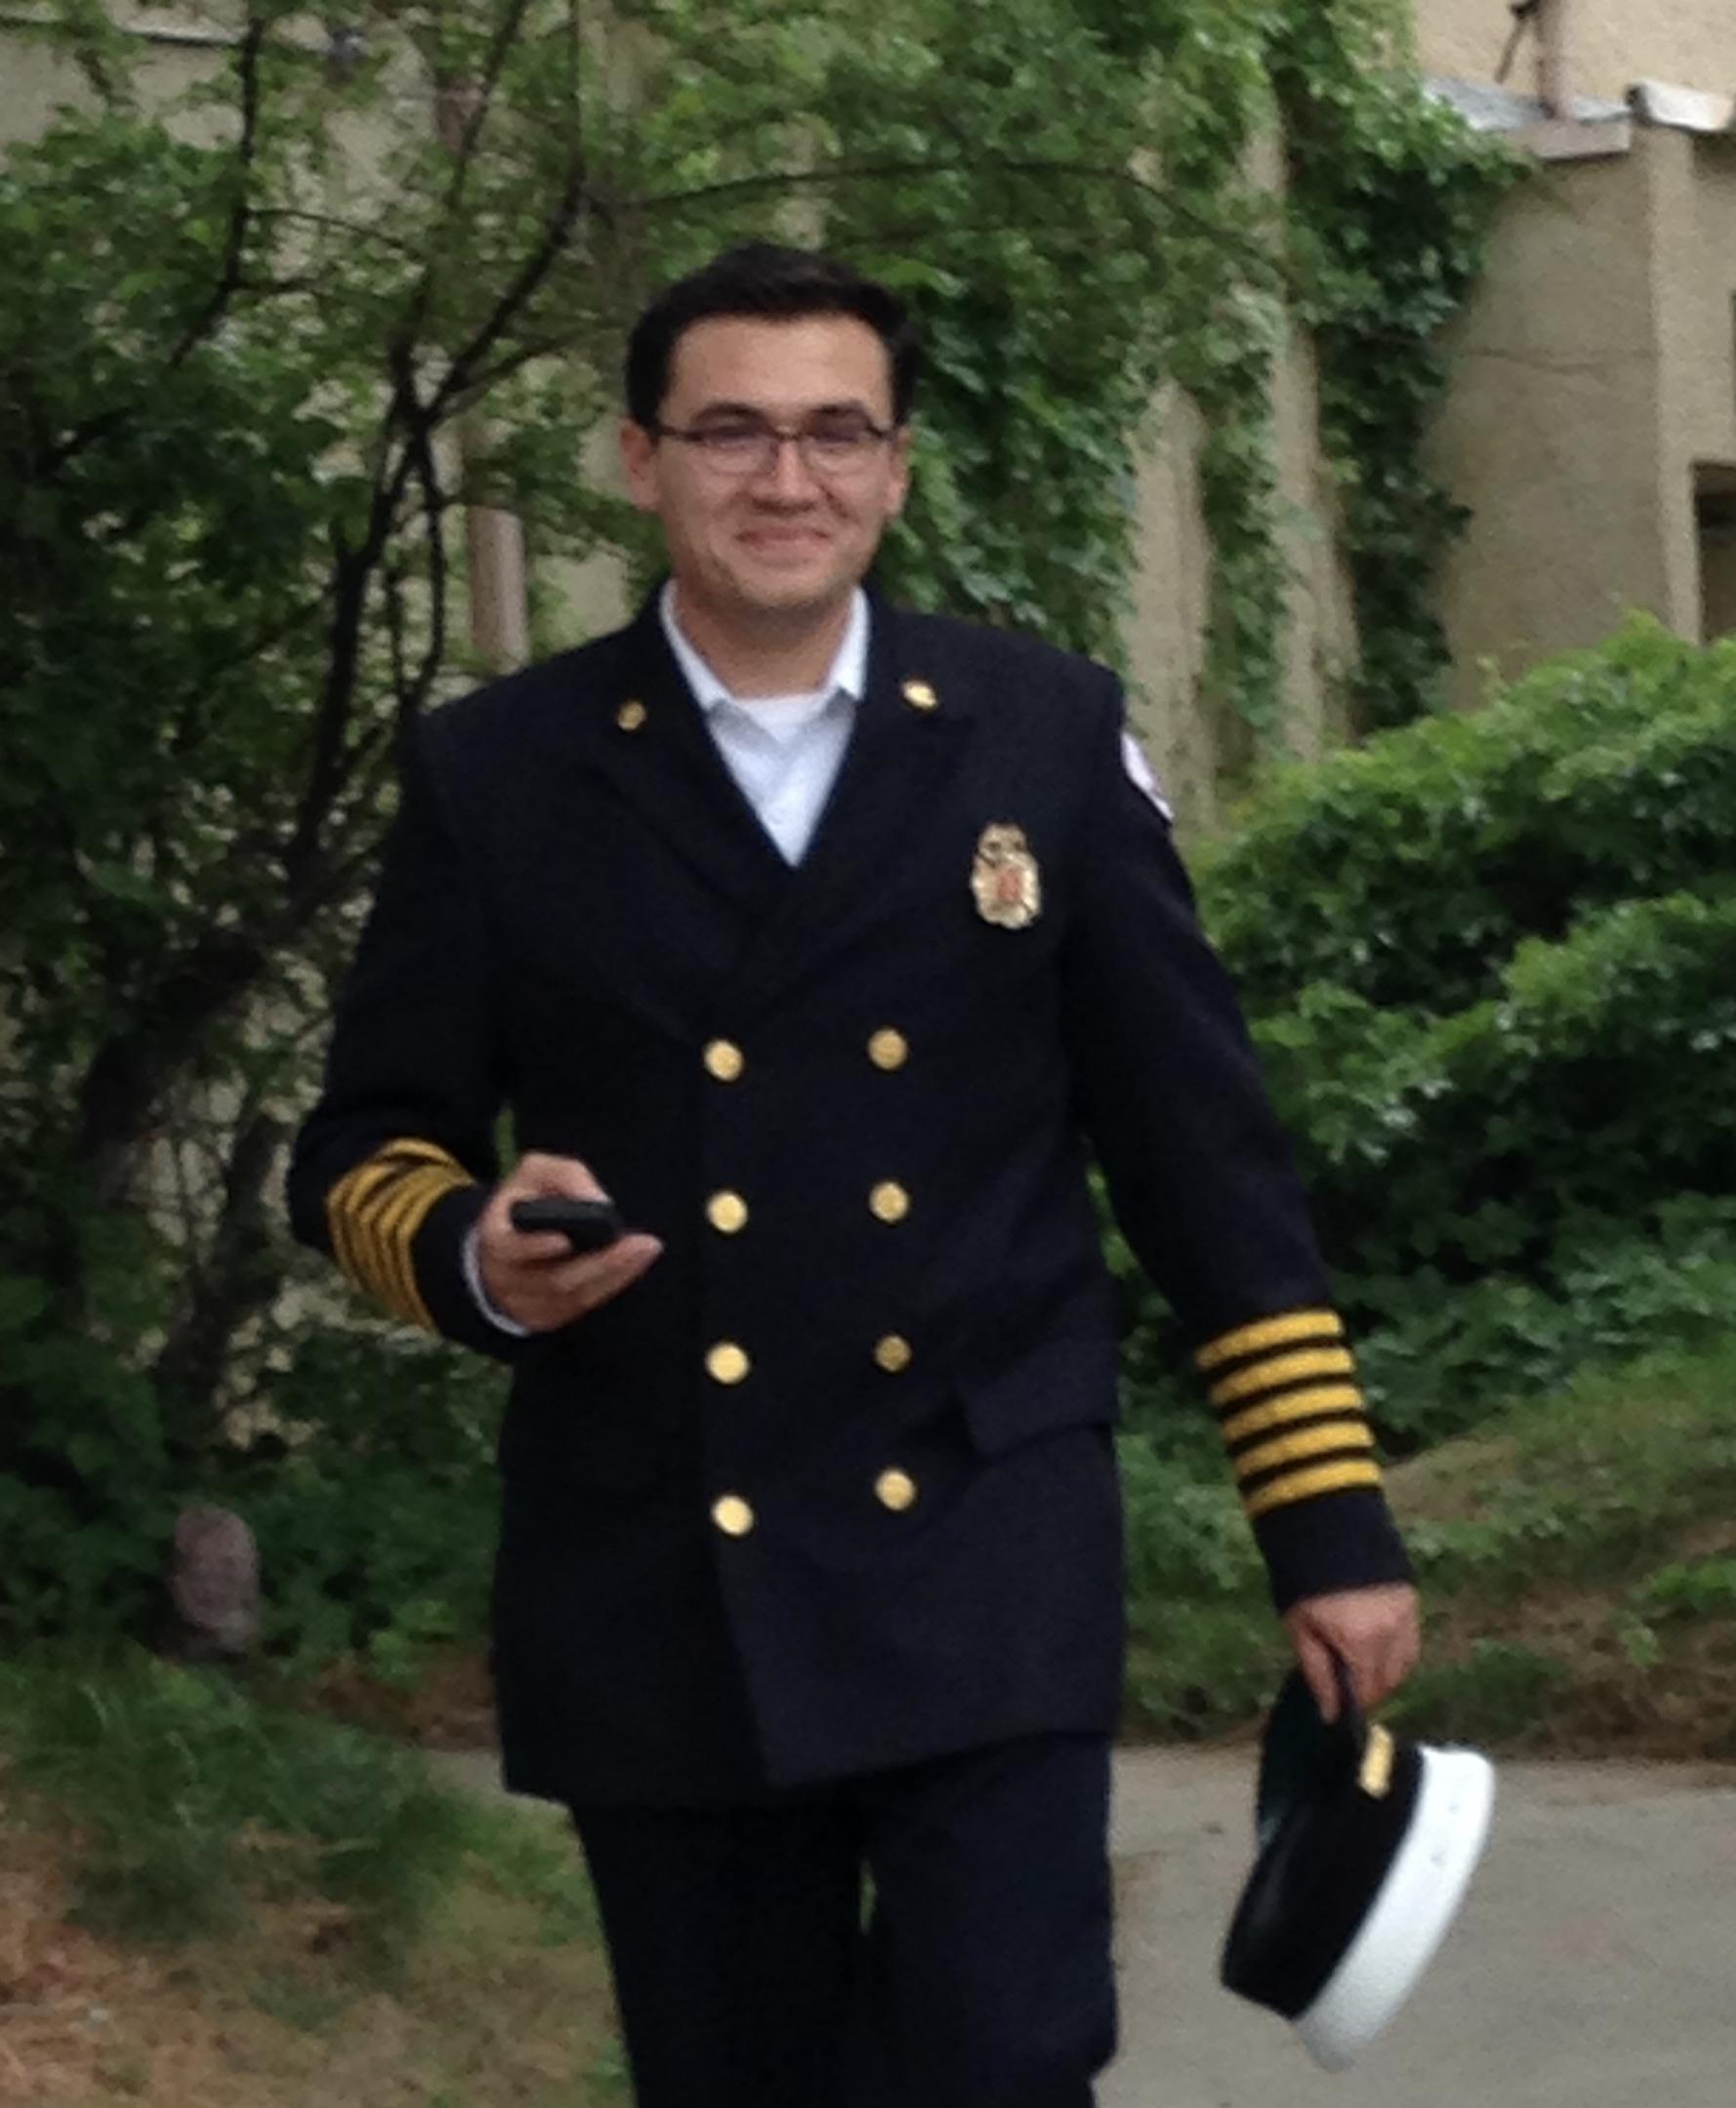 Chief John Gurule